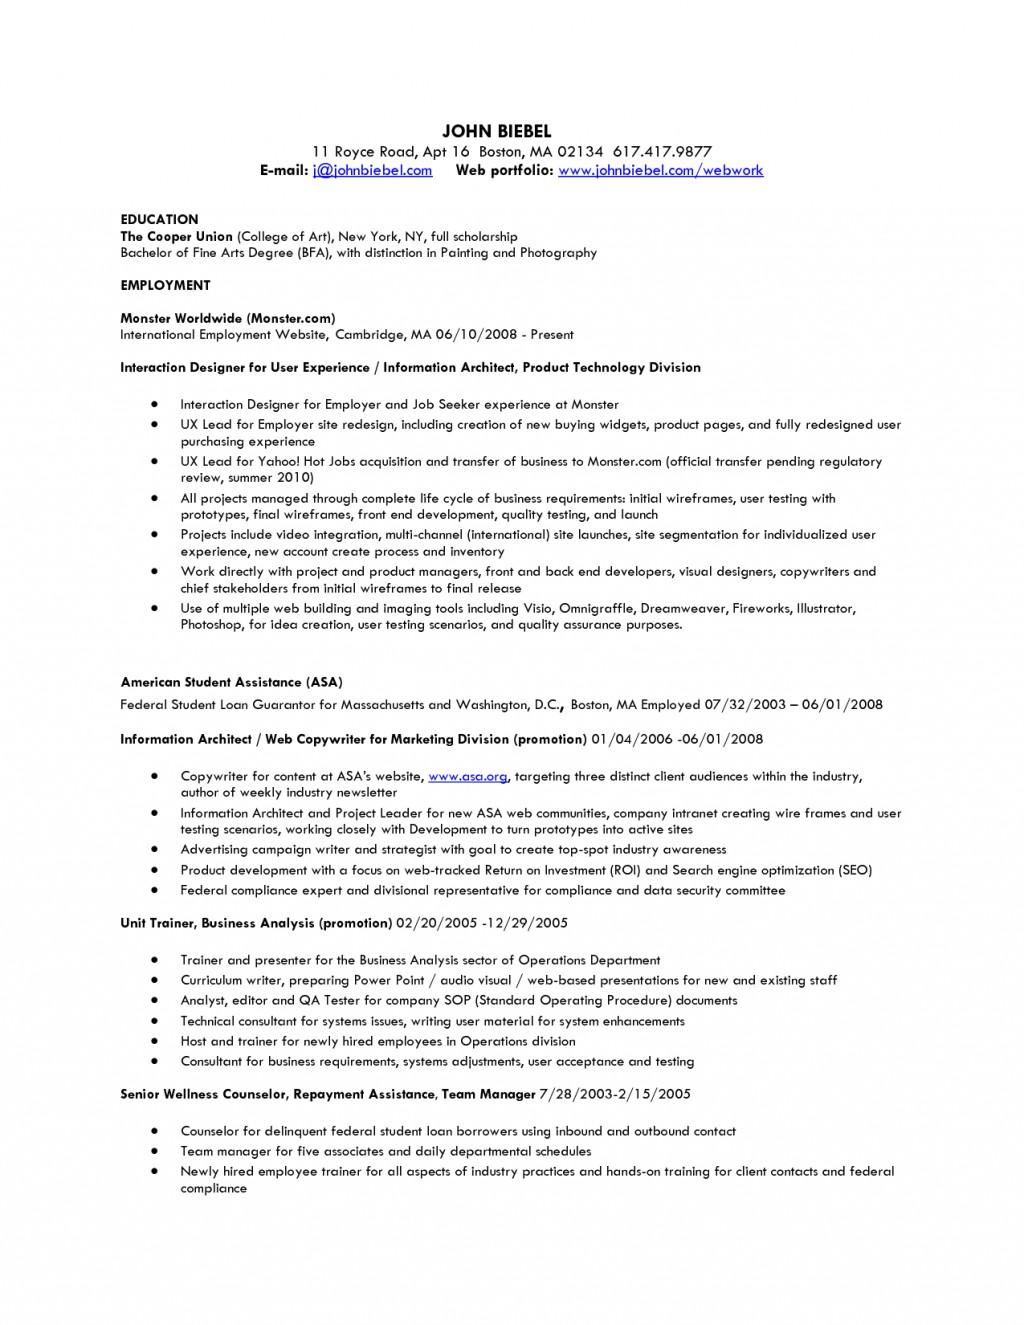 011 House Painter Job Description Employment Essay Impressive Descriptive Format Rubric Pdf Outline And Structure Large